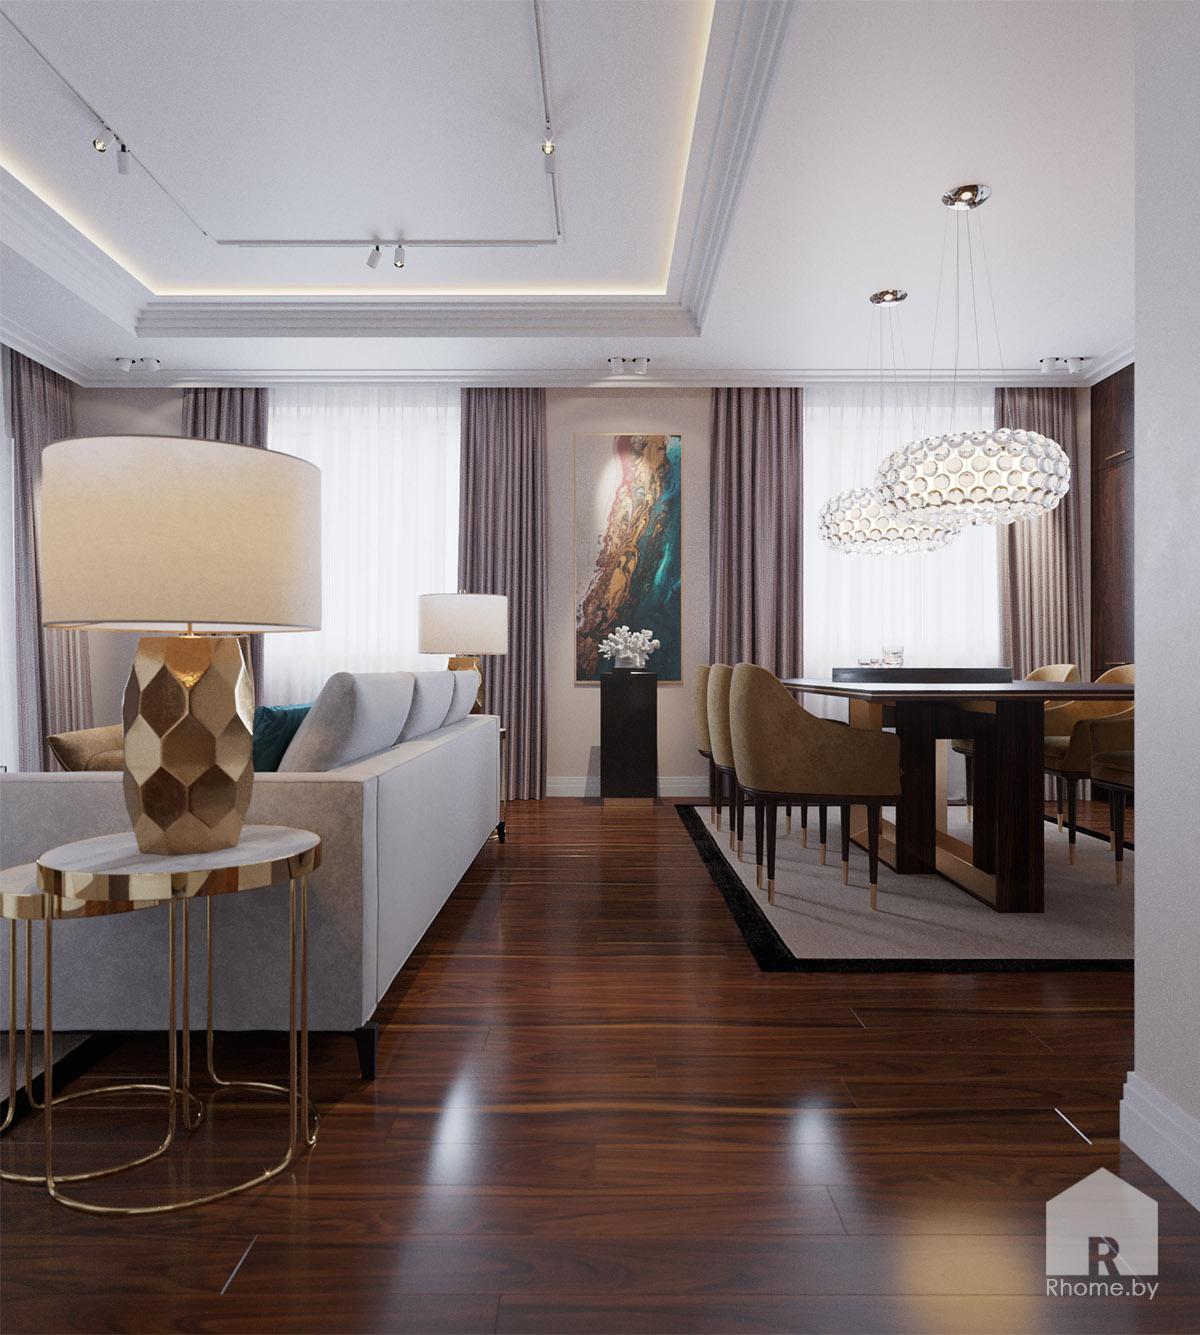 Дизайн гостиной по ул. Восточная | Дизайн студия – Rhome.by